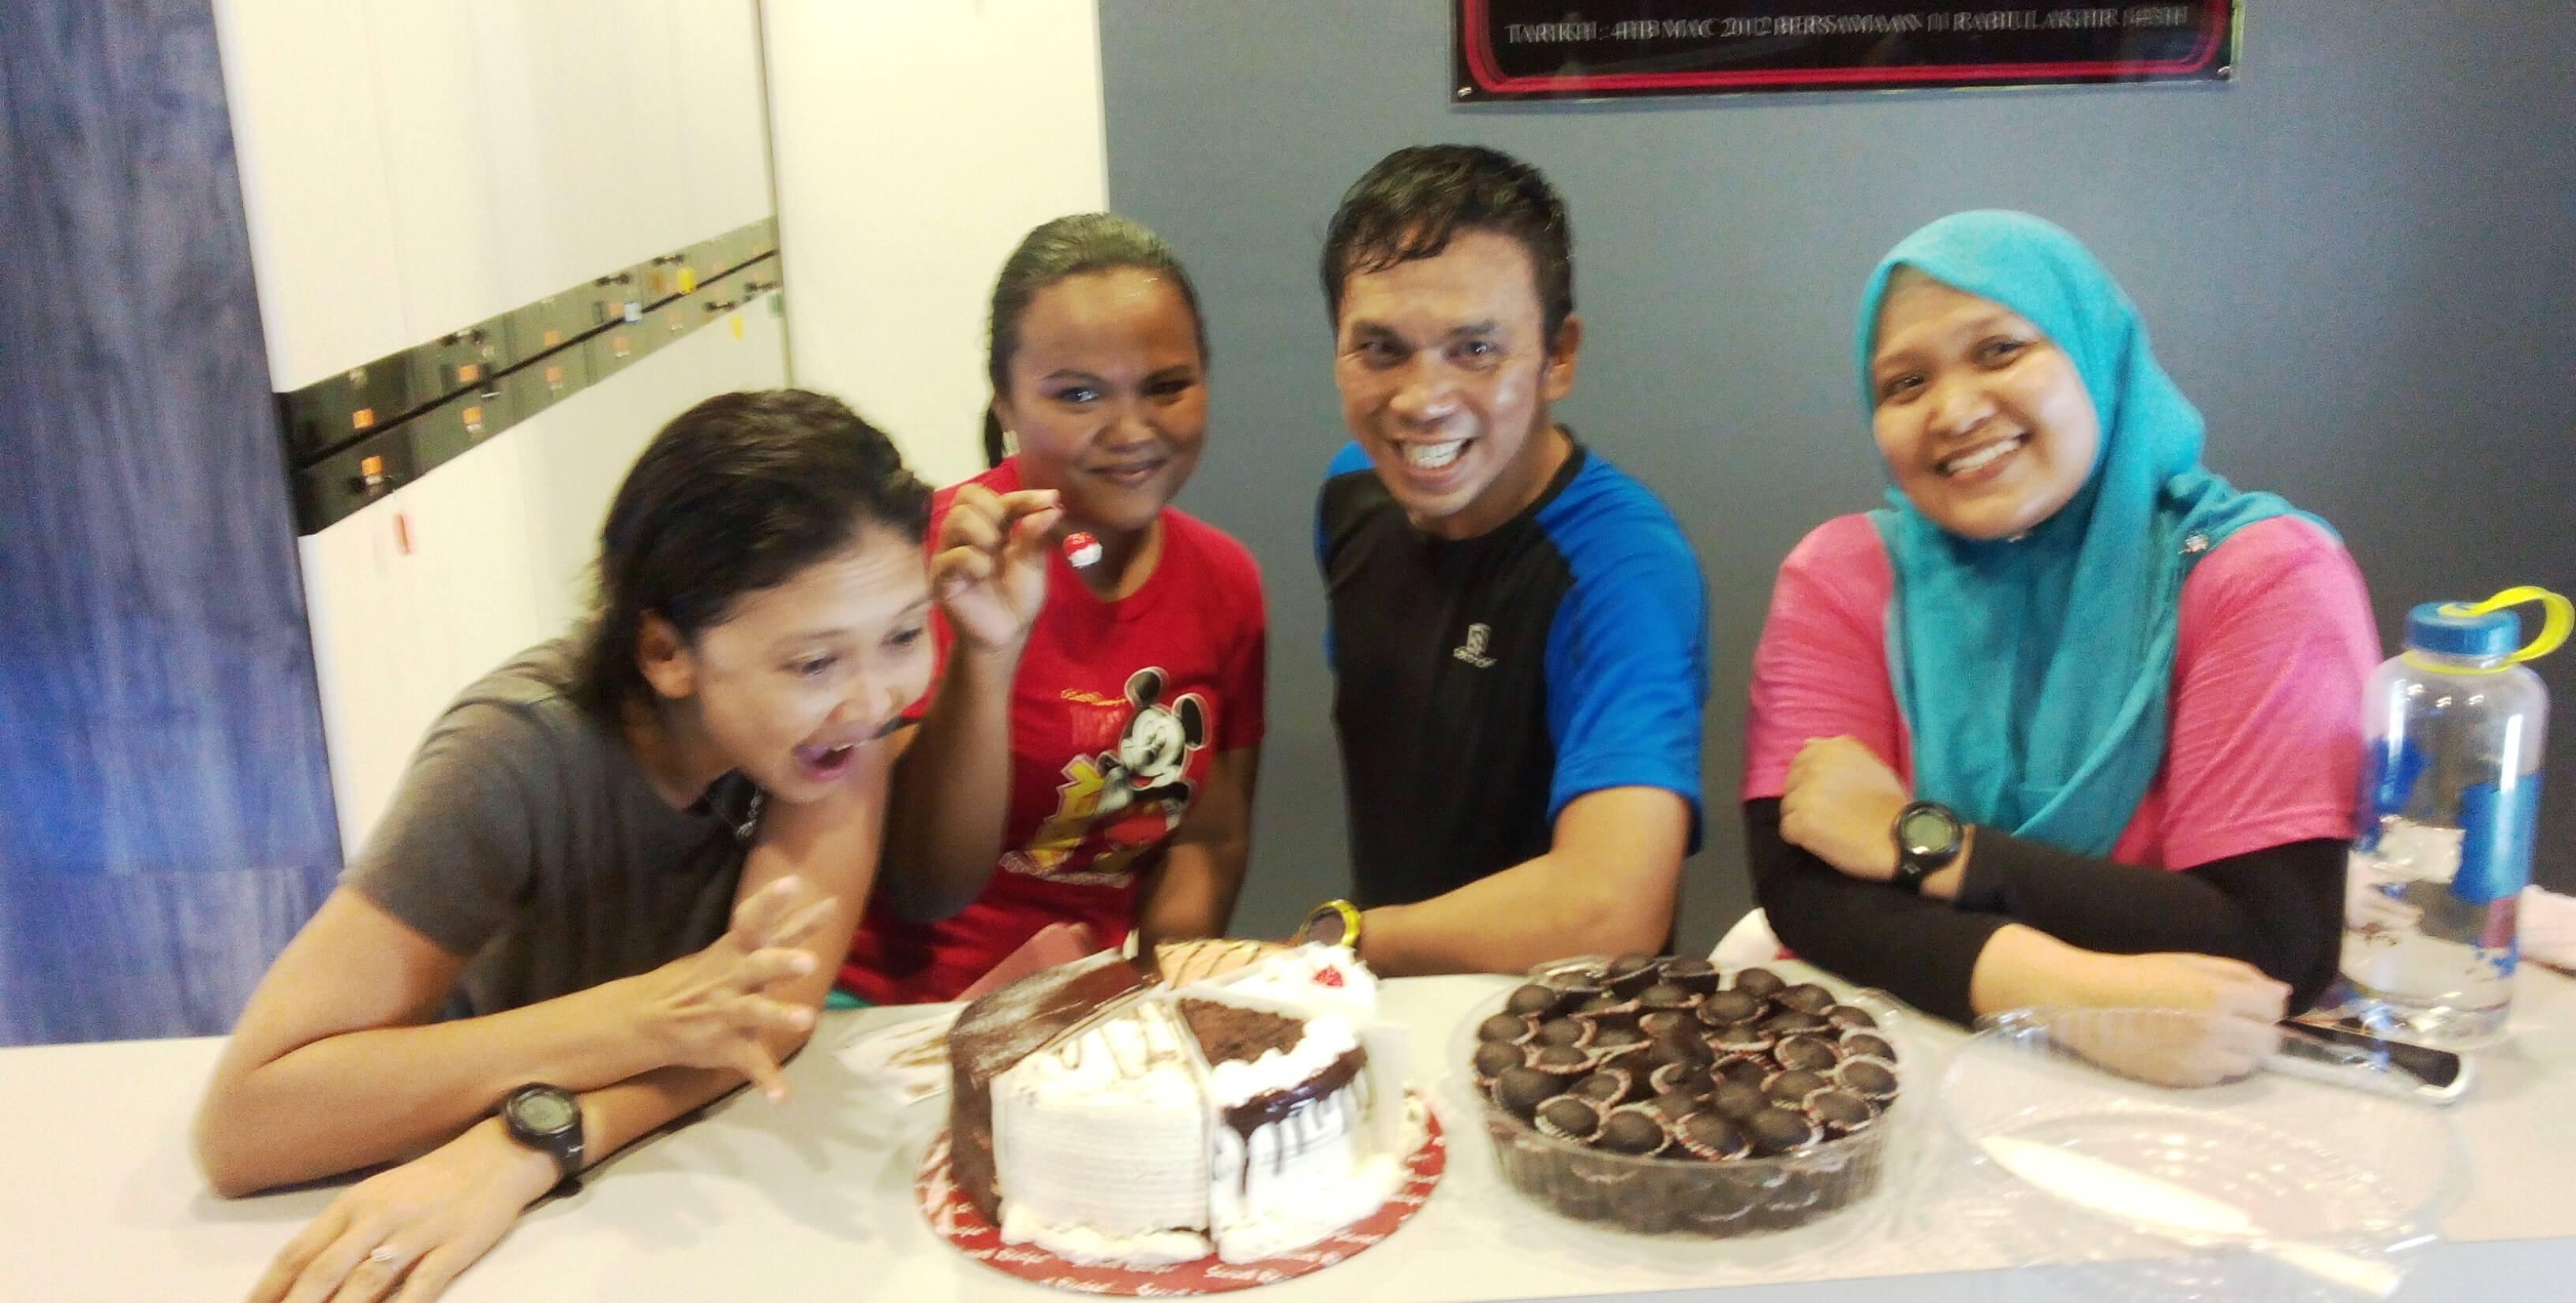 Makanlah apa saja jika cukup senaman. Bersama sahabat baik, Pemilik Kay Fitness Studio Sungai Petani, Cik Karmilah Jambo, Ketua Pasukan JK1M Sungai Petani Edisi 1 dan 2.